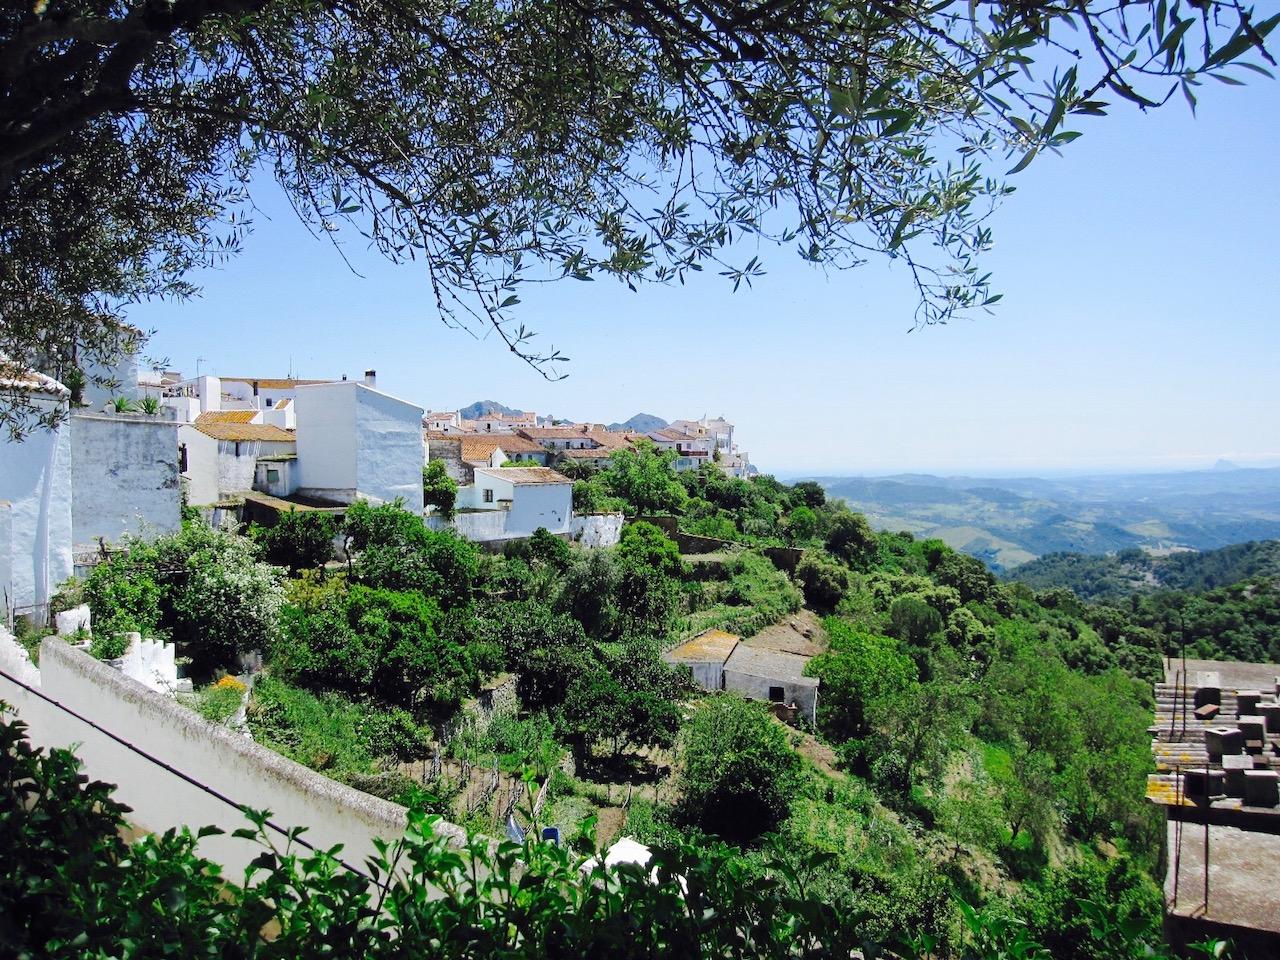 Aussicht vom Hotel La Fructuosa, Gaucín, Andalusien